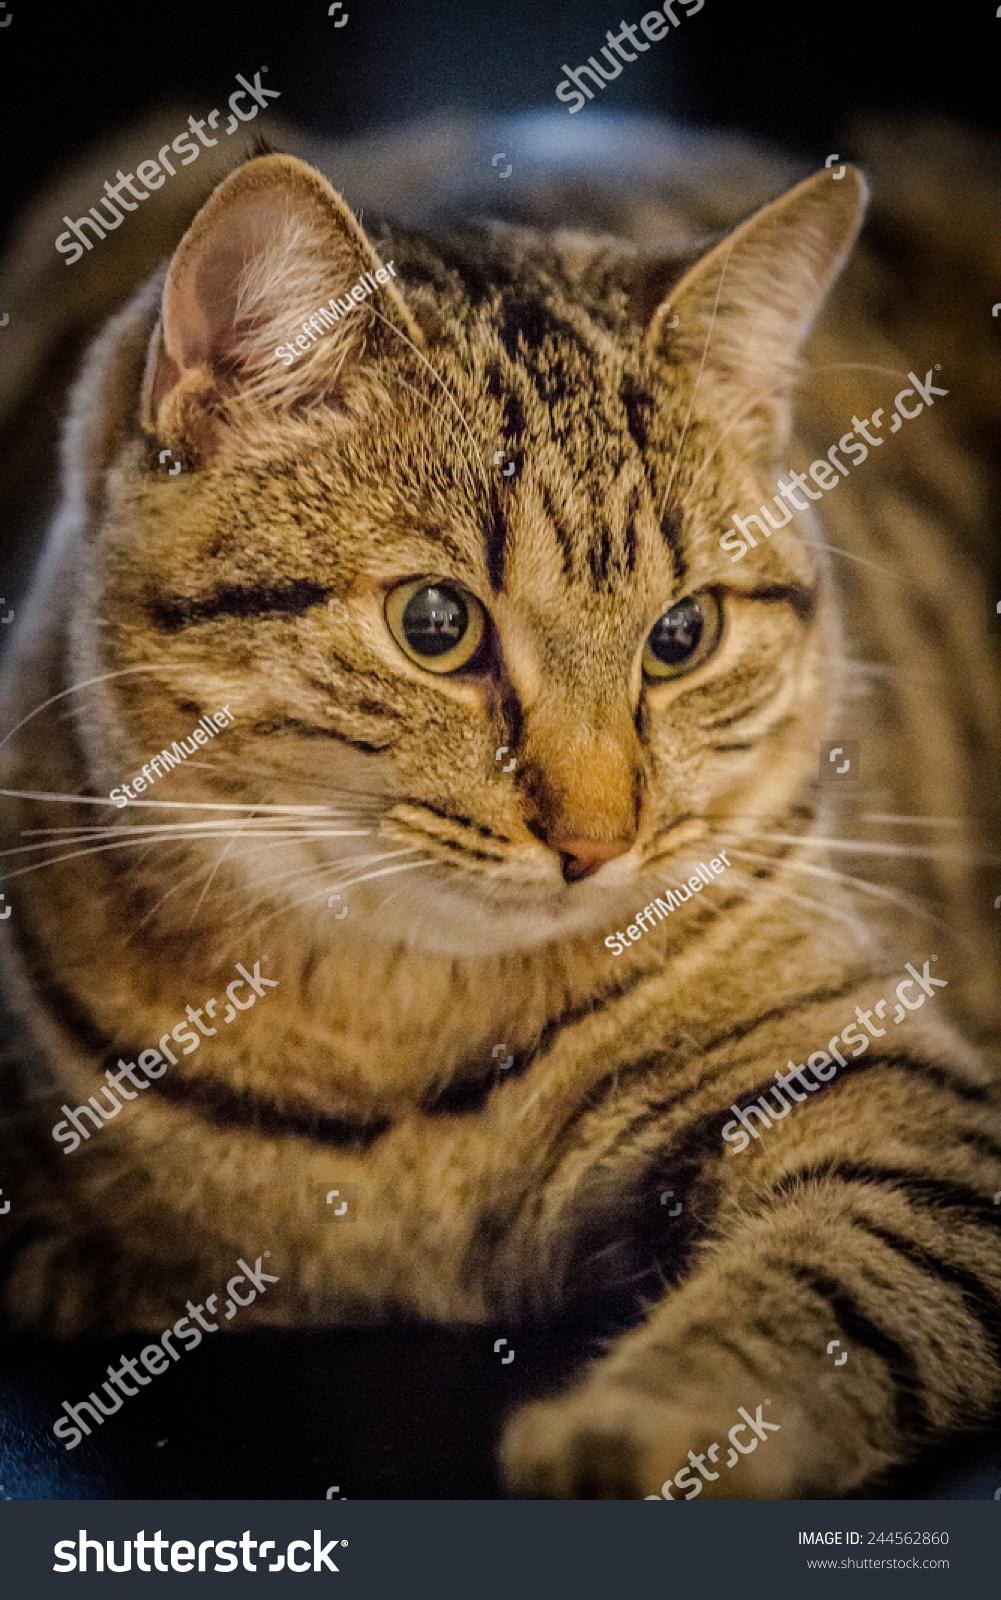 cat ima kitty cat